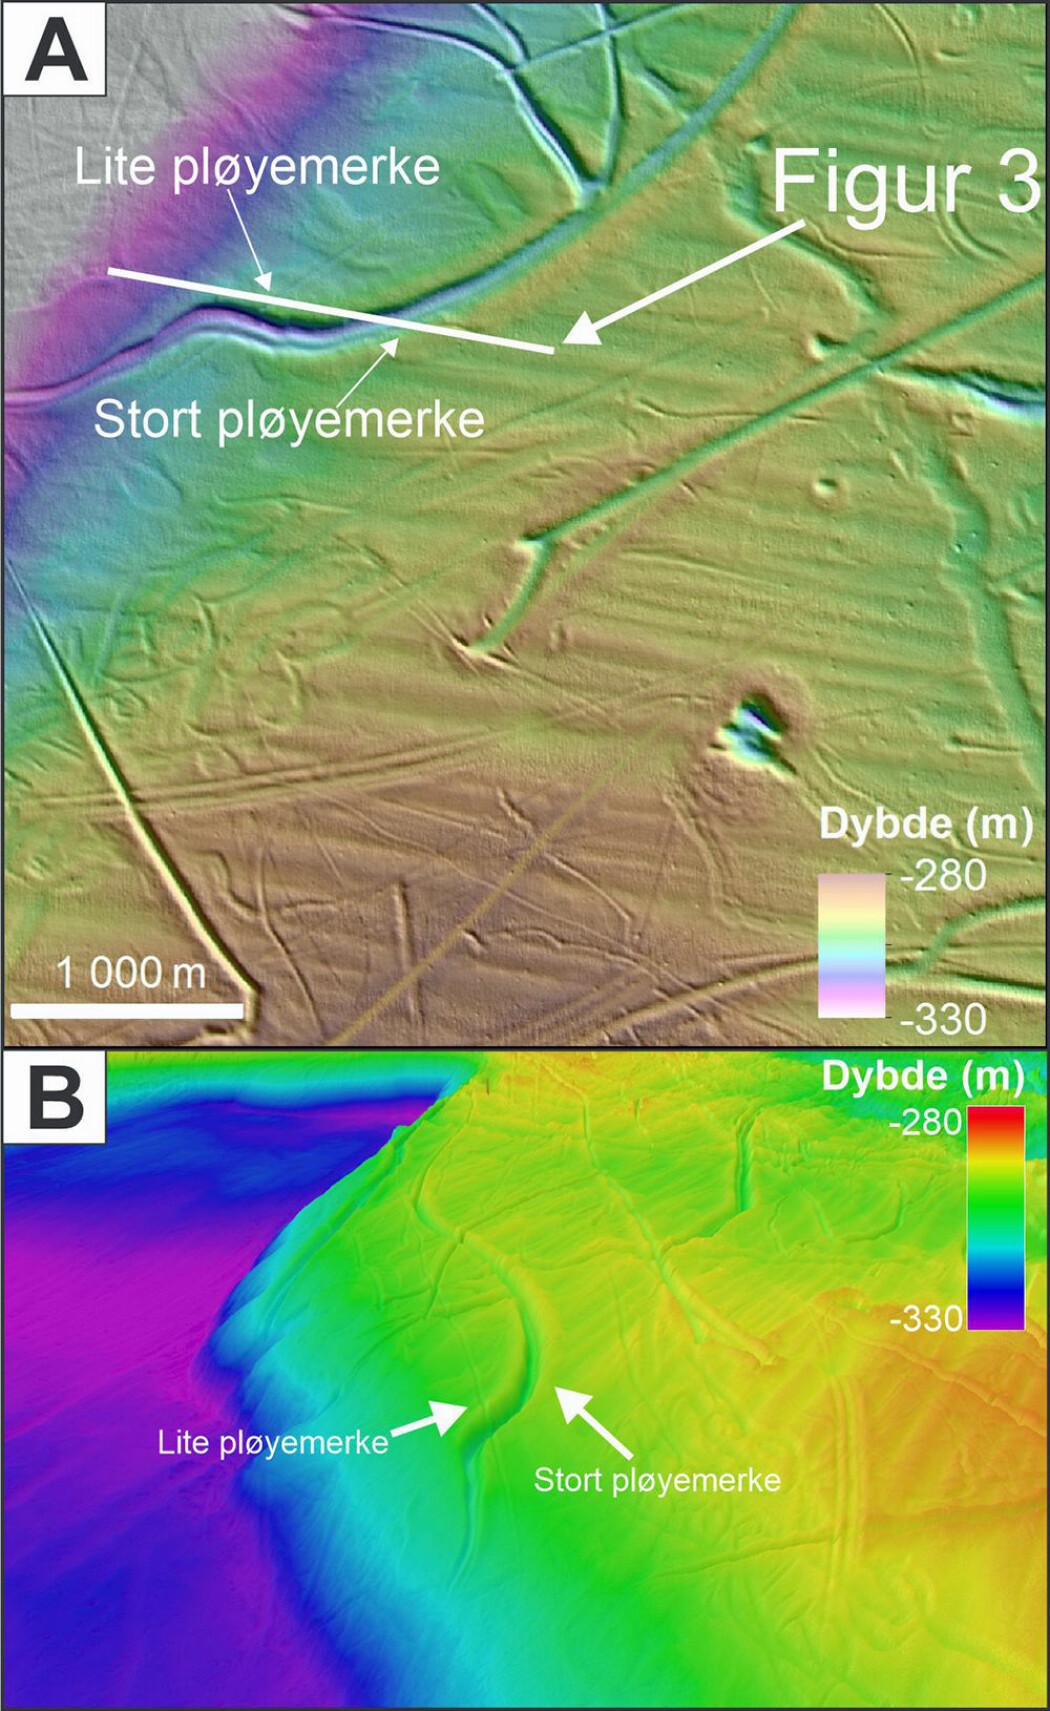 A) Utsnitt av dybdekart, med eksempler på pløyemerker av forskjellig størrelse og retning. Den hvite linjen indikerer et profil fra sedimentekkolodd, som krysser to av pløyemerkene. B) 3D-bilde fra kanten av Frøyabanken; samme store pløyemerke som i bildet over. Dybdedata fra Kartverket/Mareano.